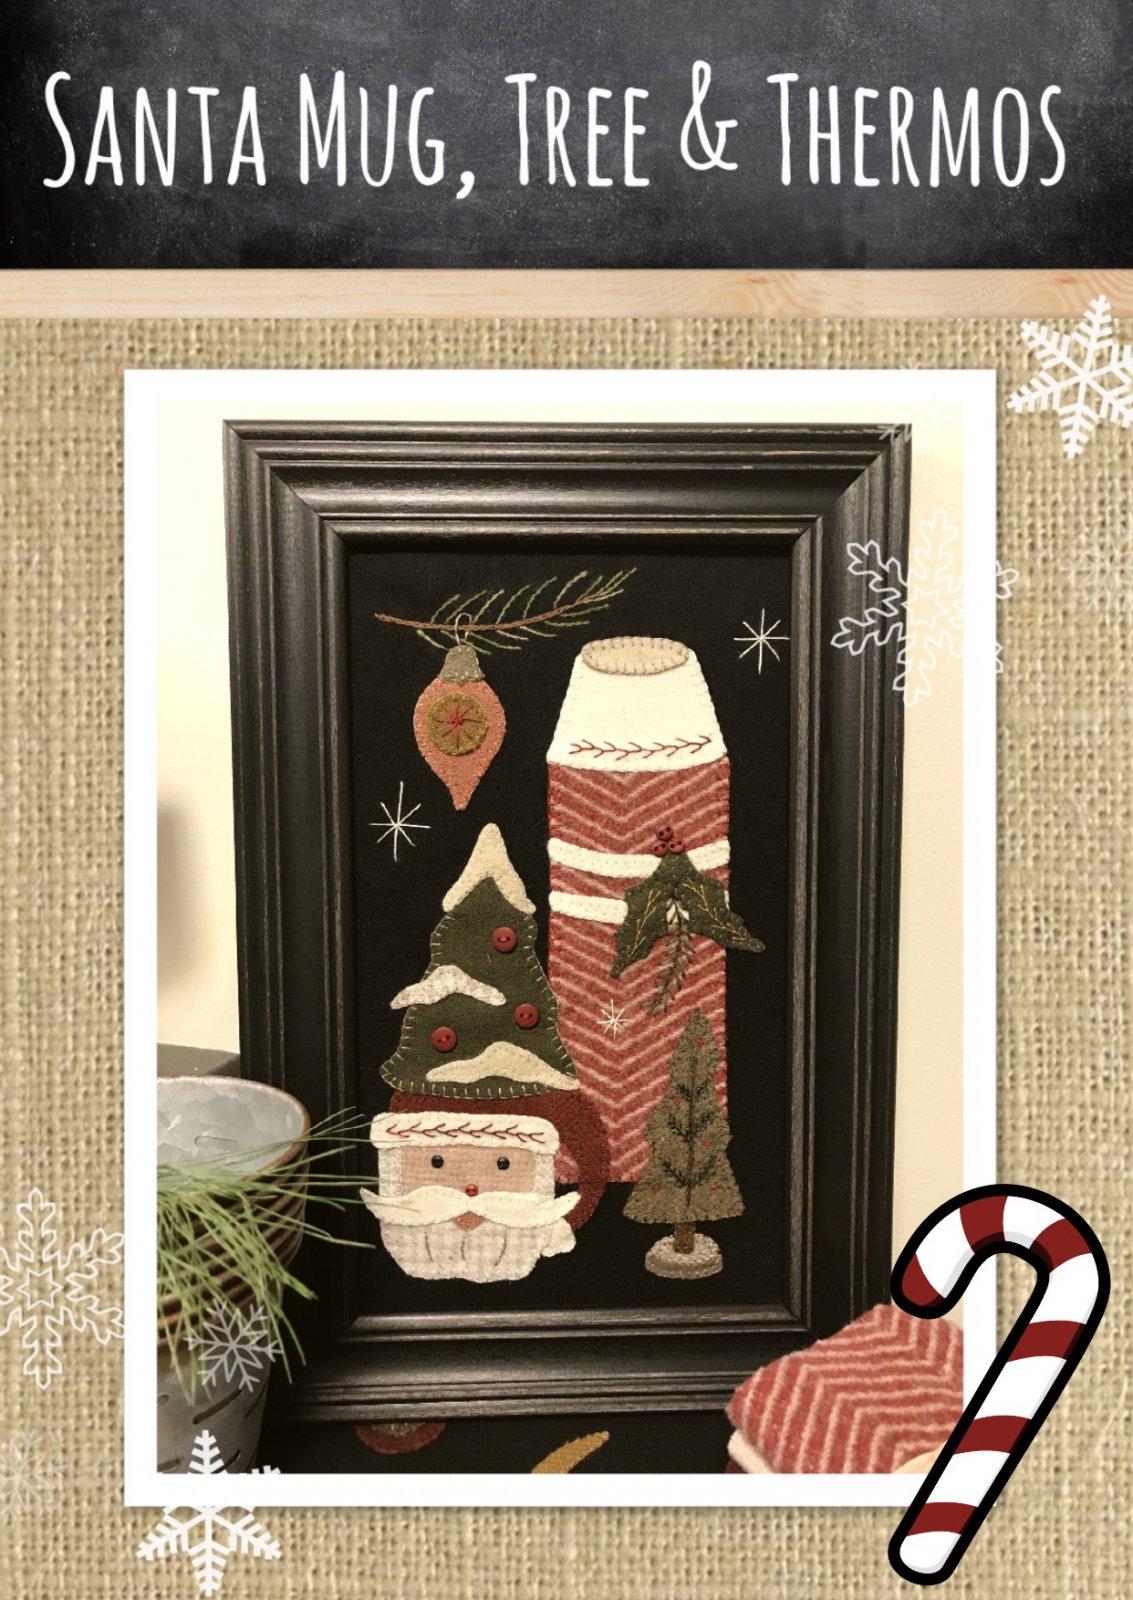 Santa Mug, Tree & Thermos